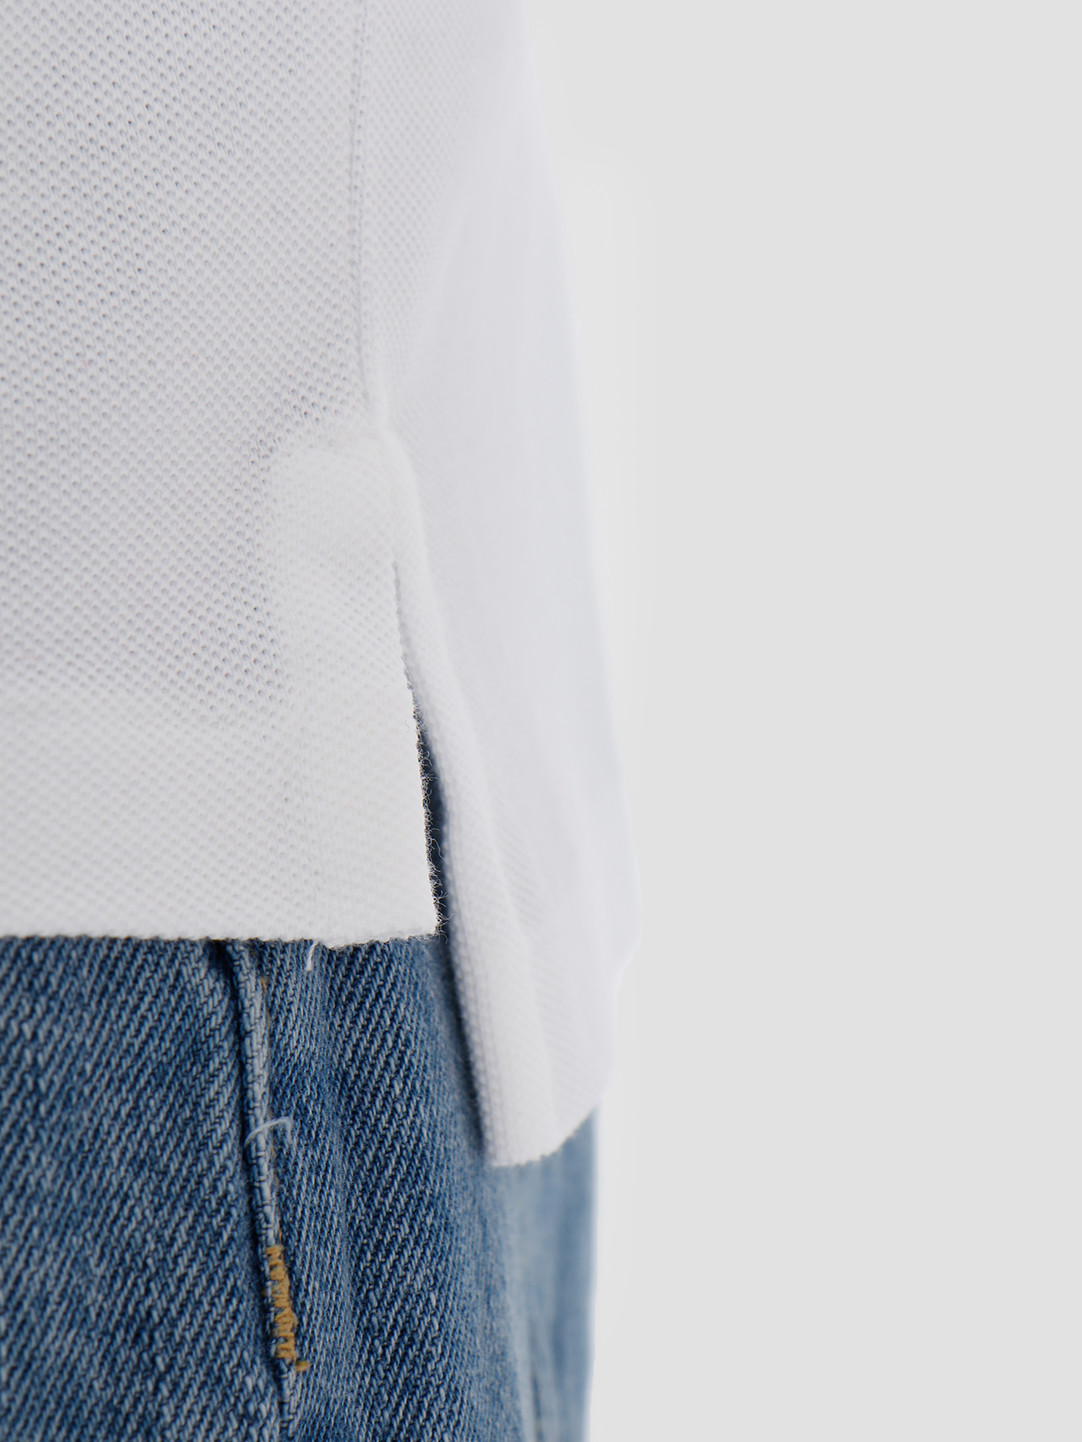 d0ebf78c Polo Ralph Lauren Basic Mesh Shortsleeve White 710755846001